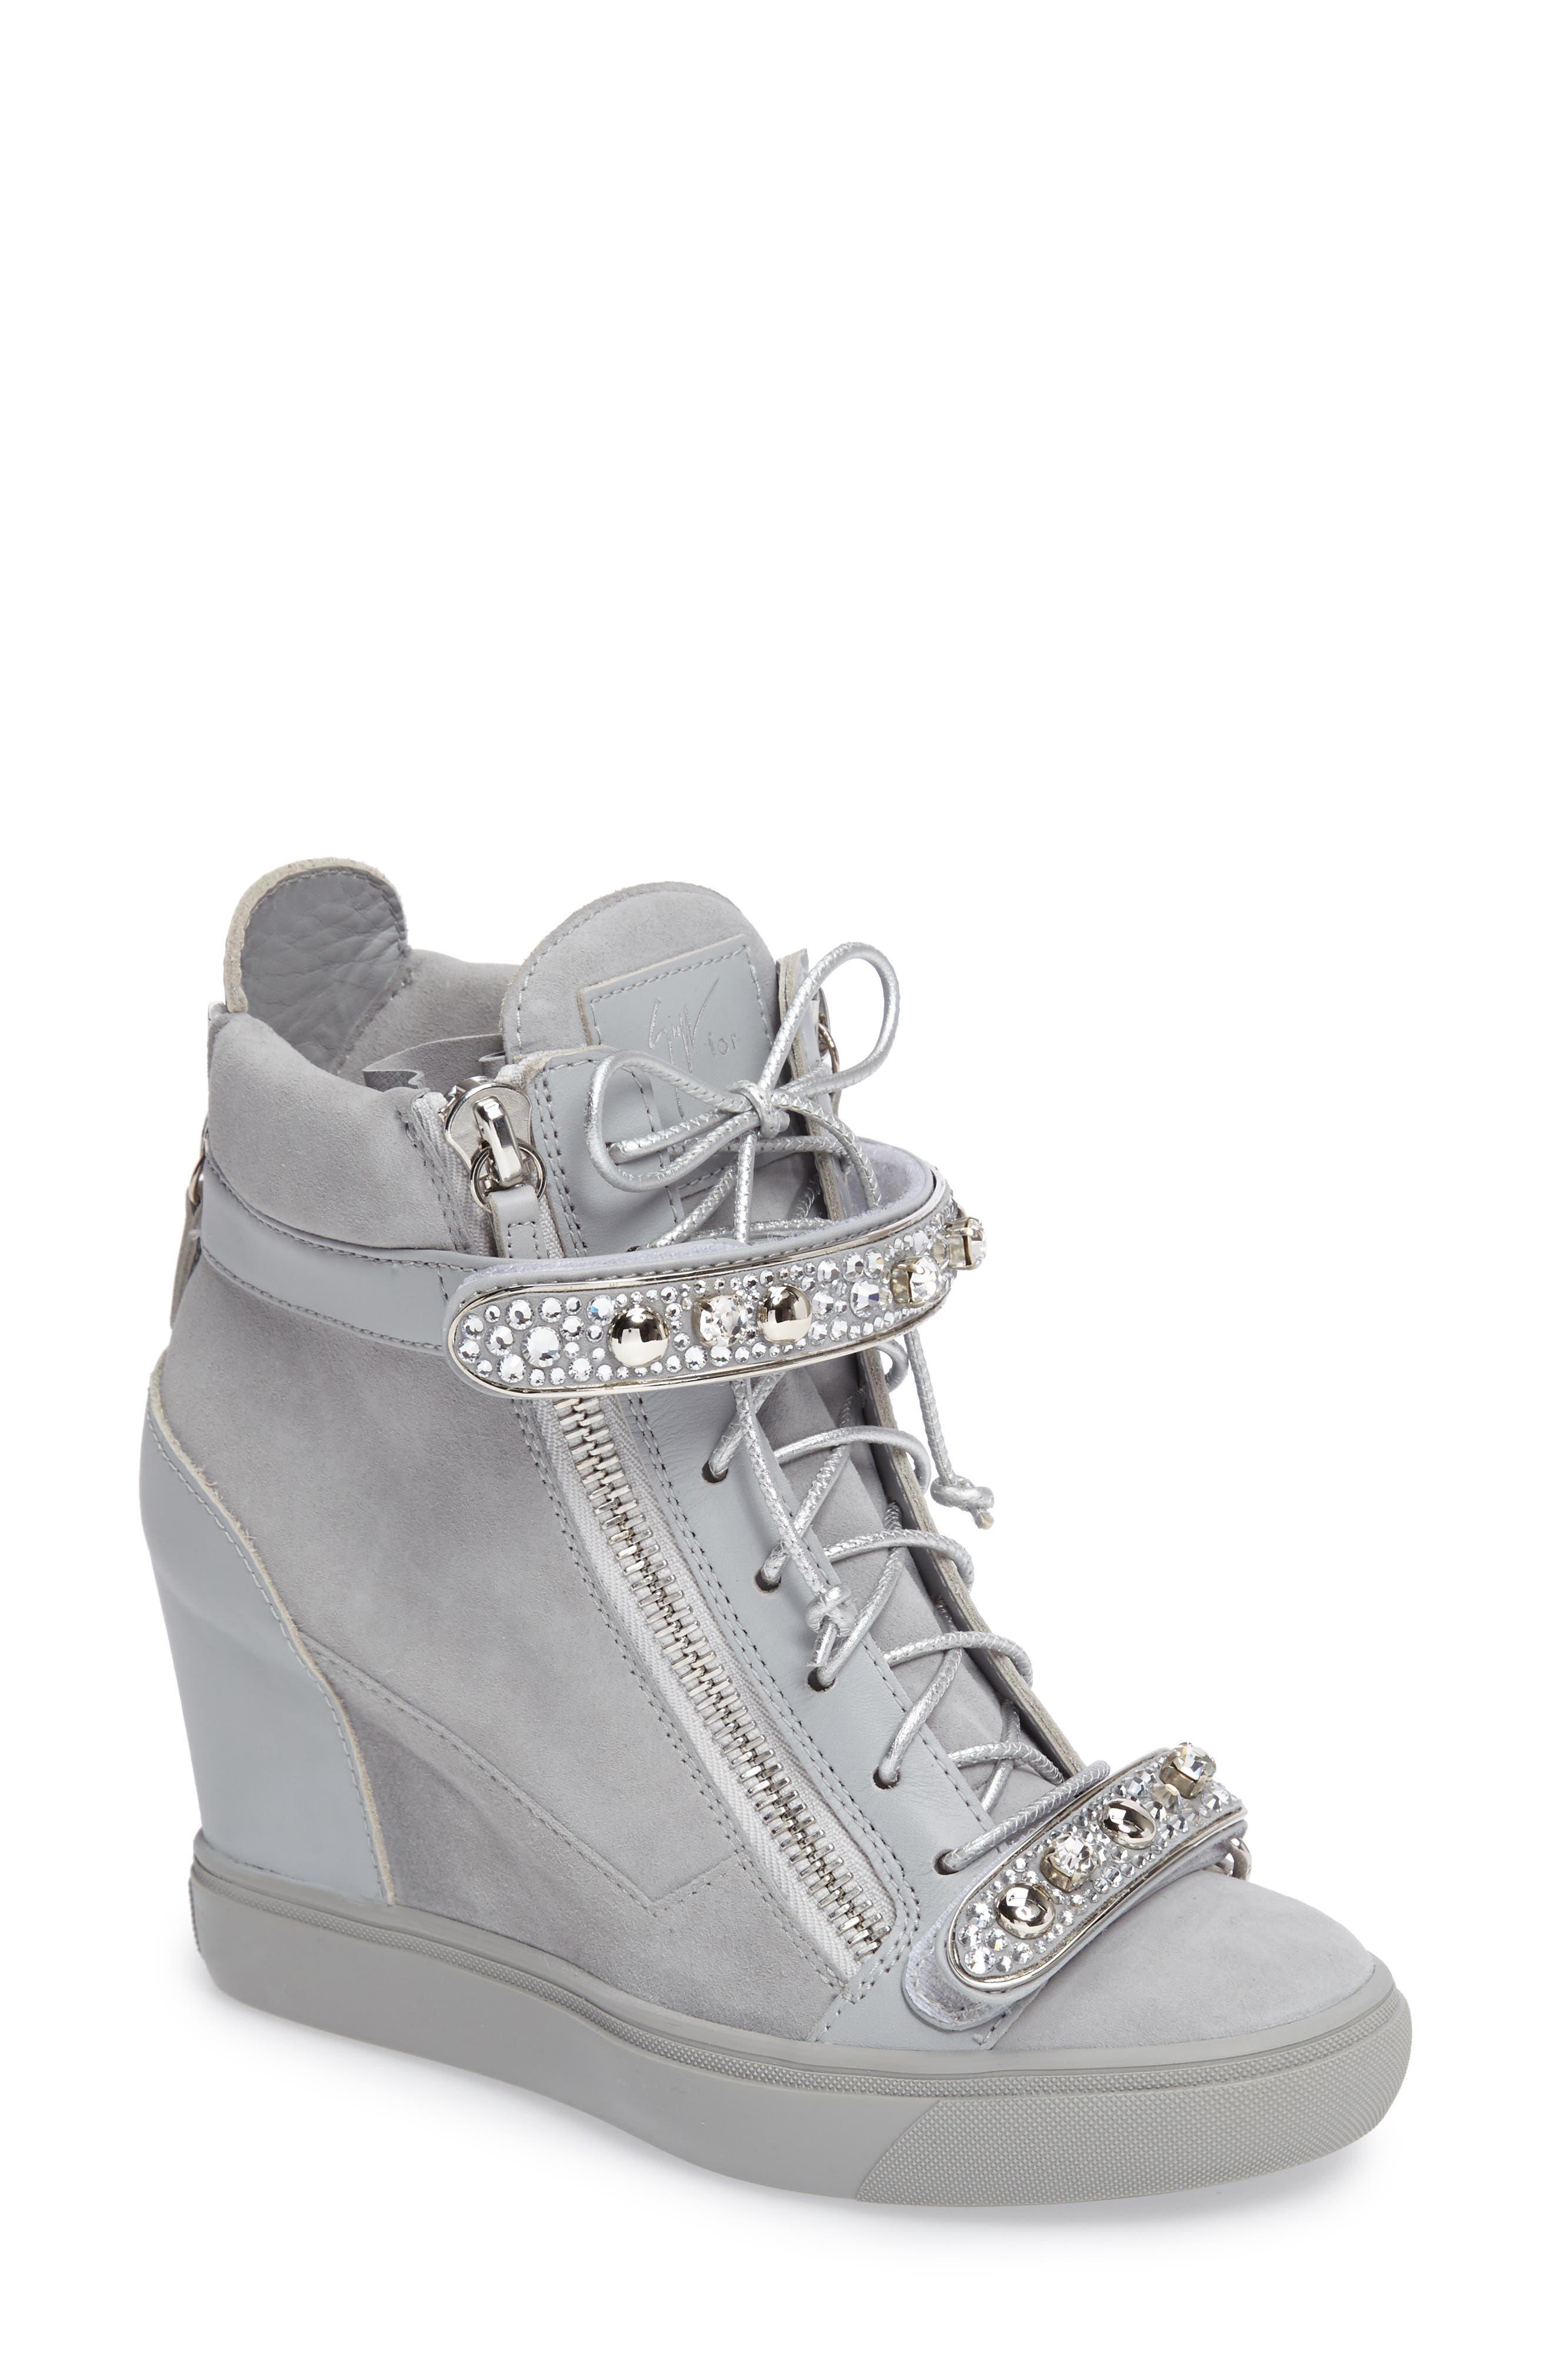 Giuseppe for Jennifer Lopez Tiana Hidden Wedge Sneaker,                         Main,                         color,